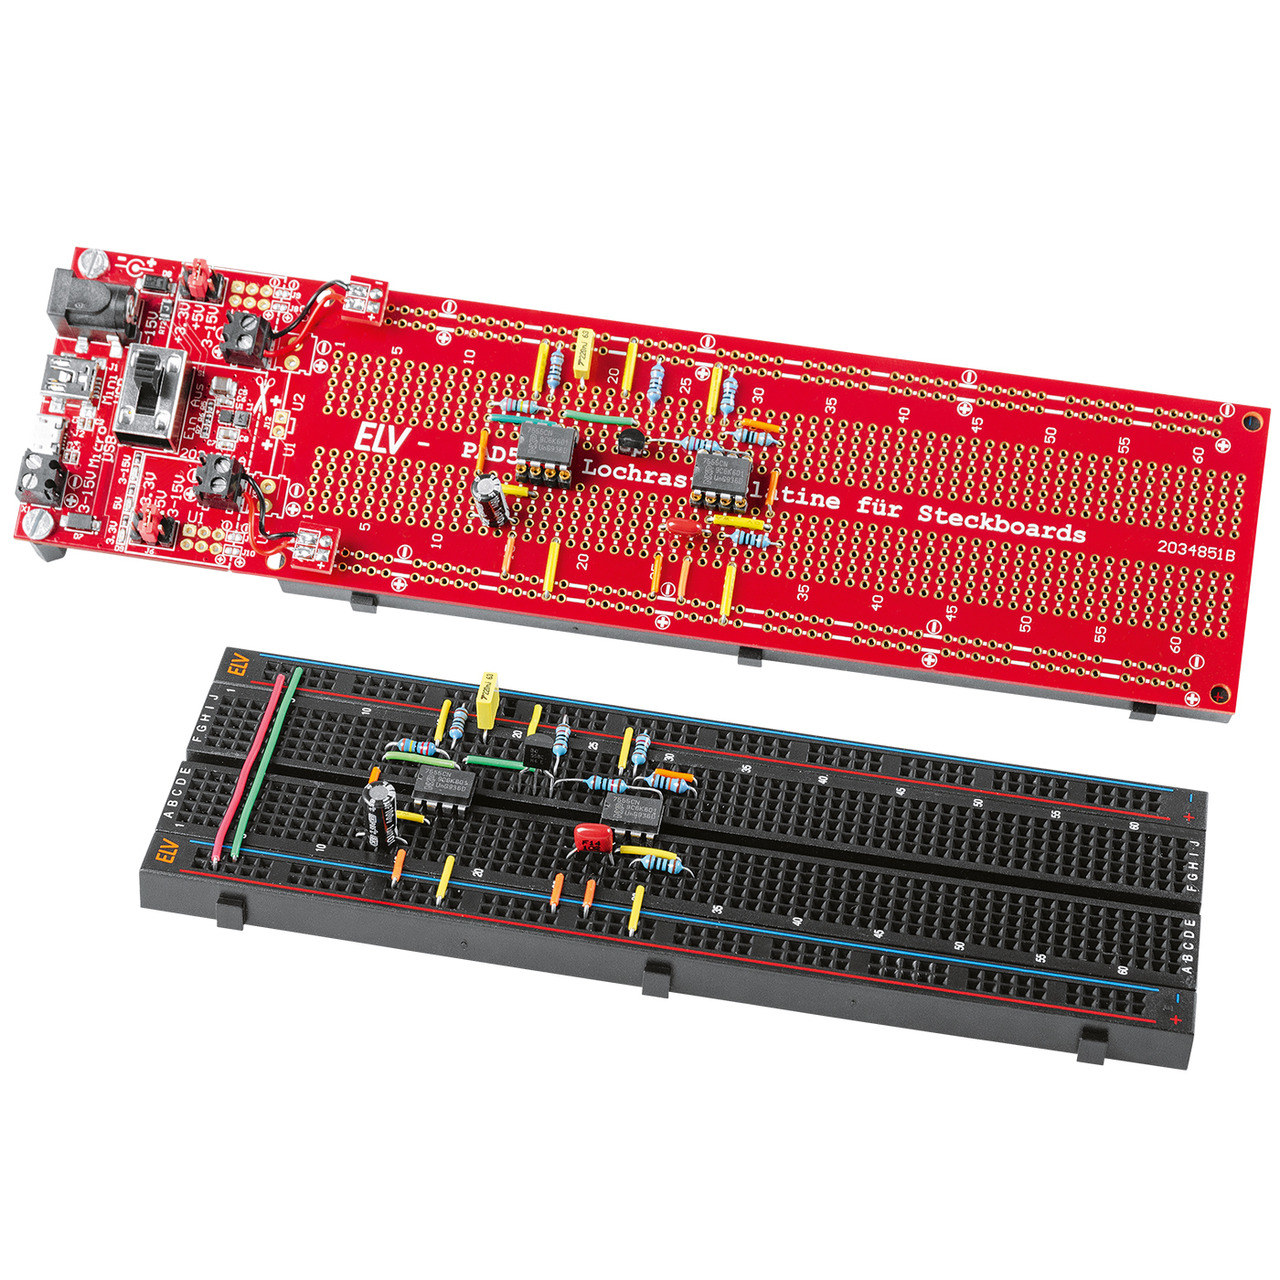 ELV Bausatz Lochrasterplatine für Steckboards PAD5- mit Spannungsreglern